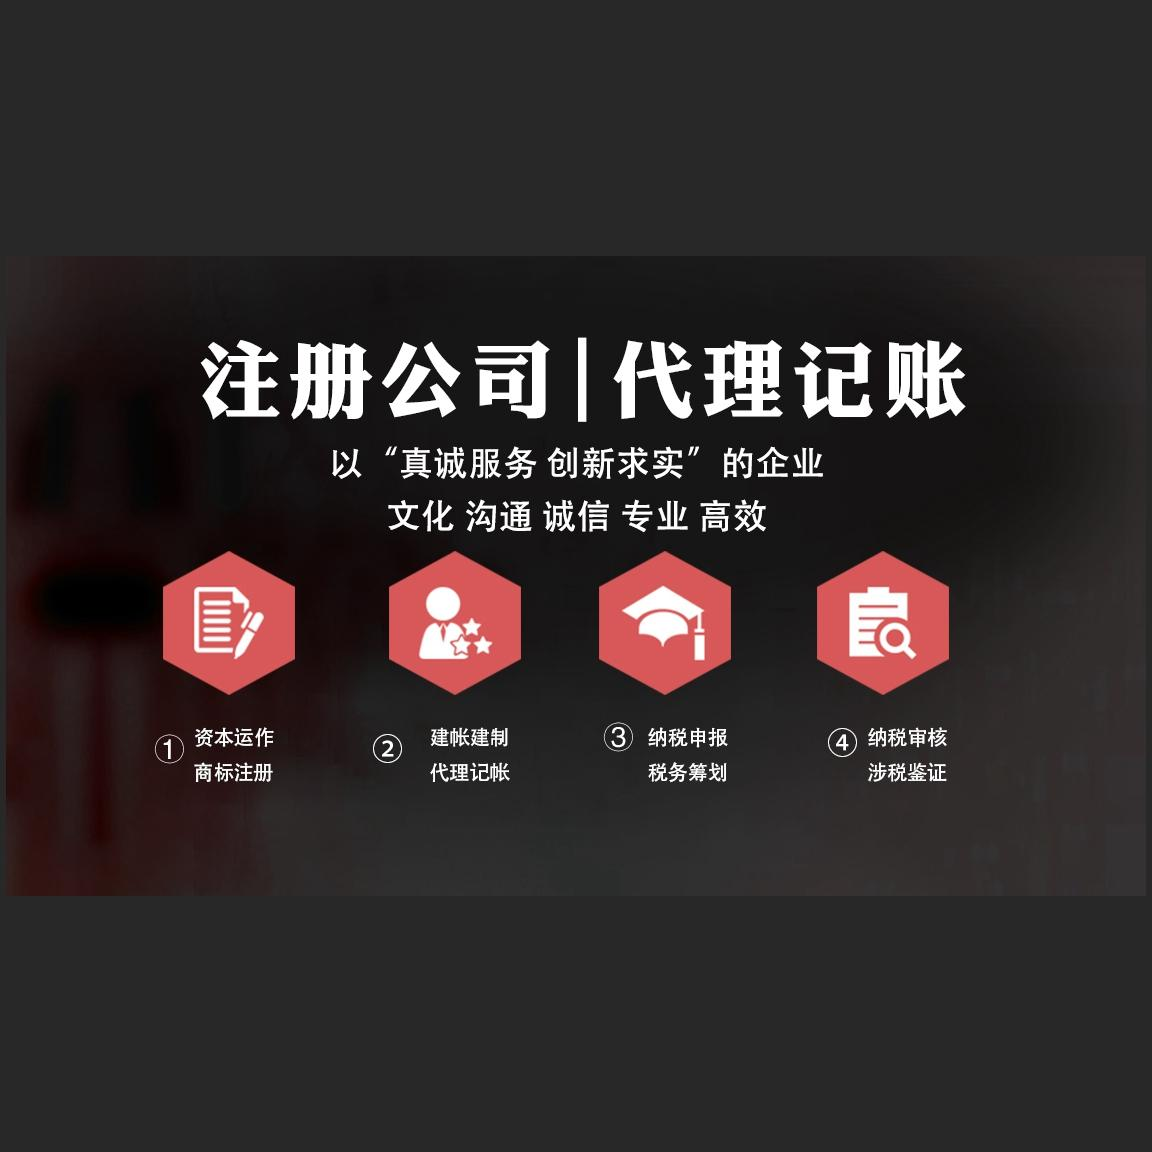 九江上北大同场工业区 银行开户报价